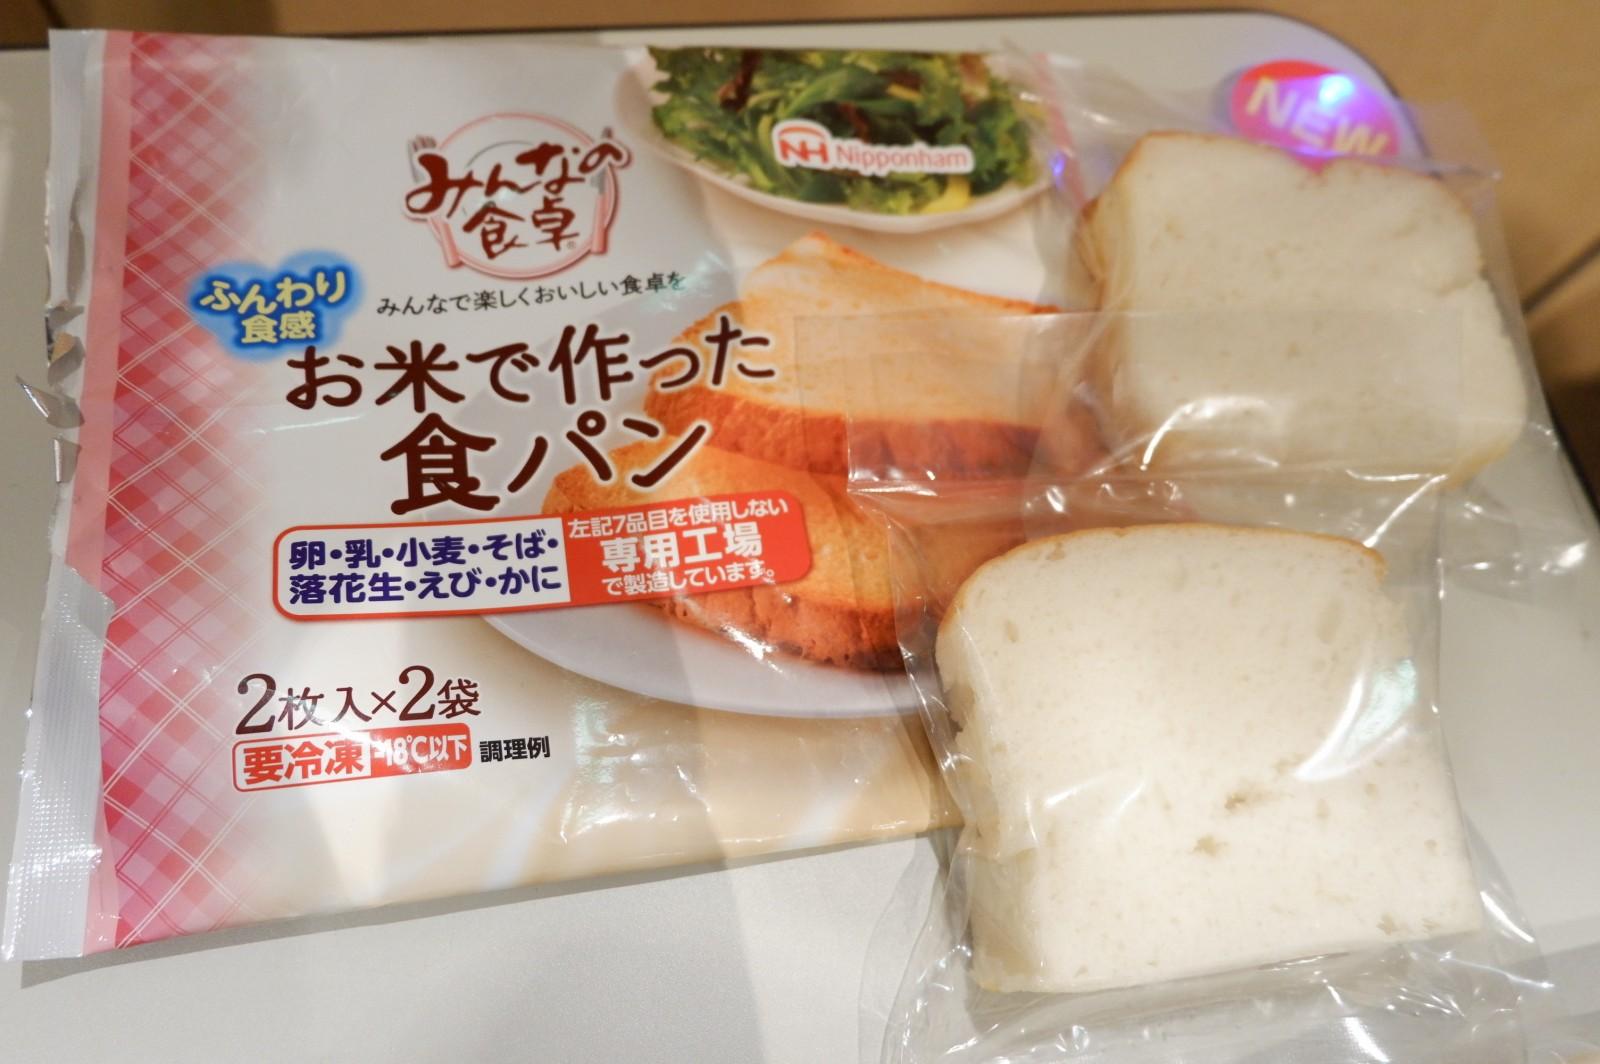 食物アレルギー対応シリーズ、パン、ハンバーグ、ミートボール本格発売へ(日本ハム冷凍食品)